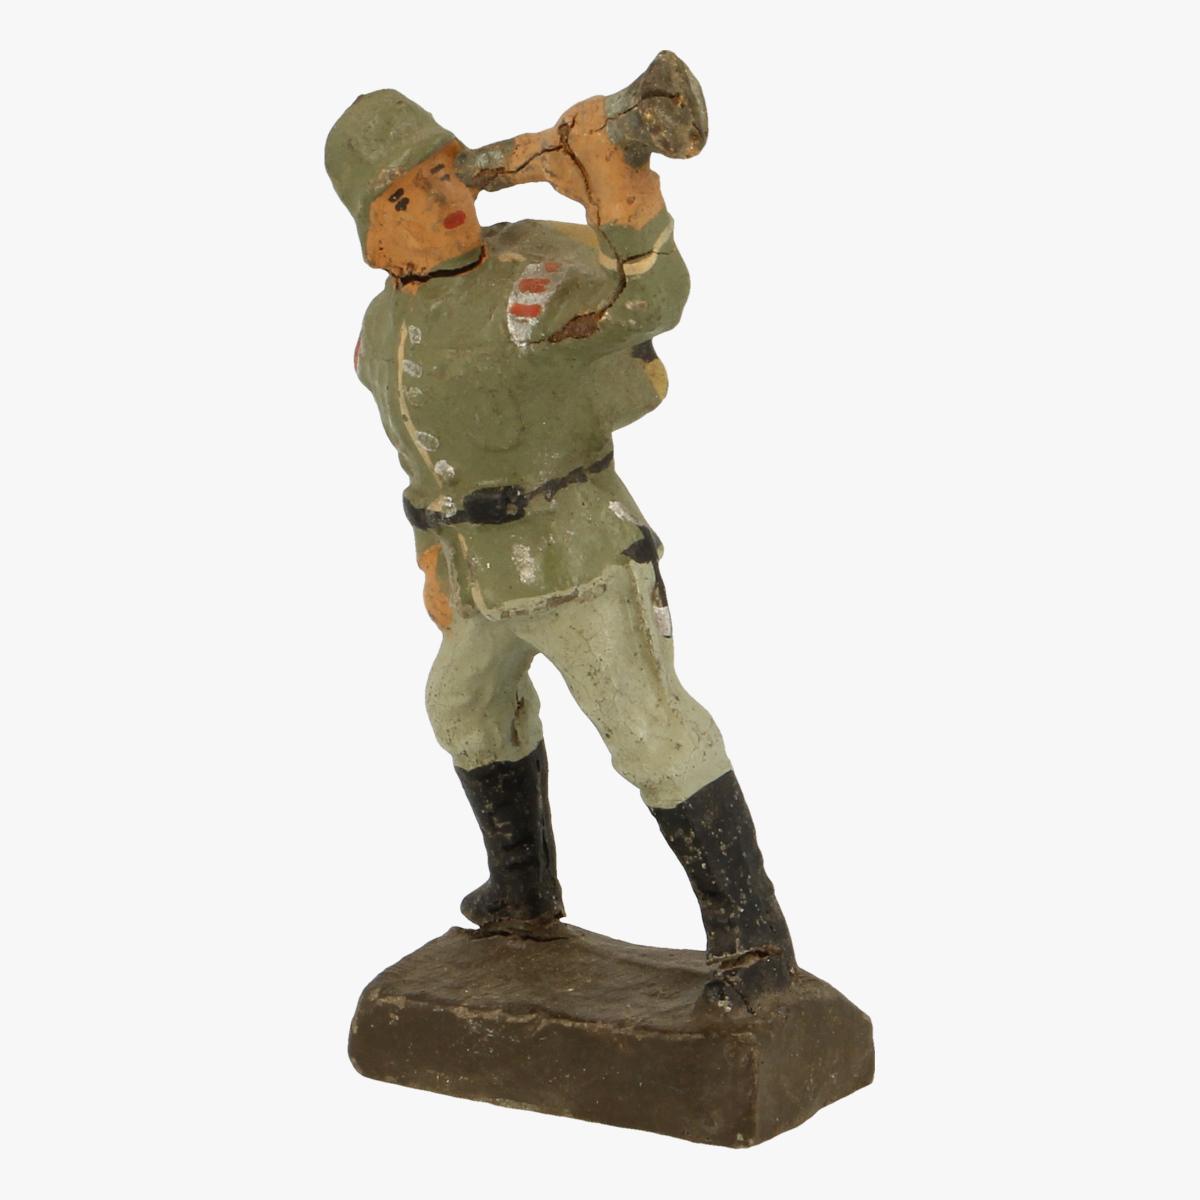 Afbeeldingen van elastolin soldaatjes schusso